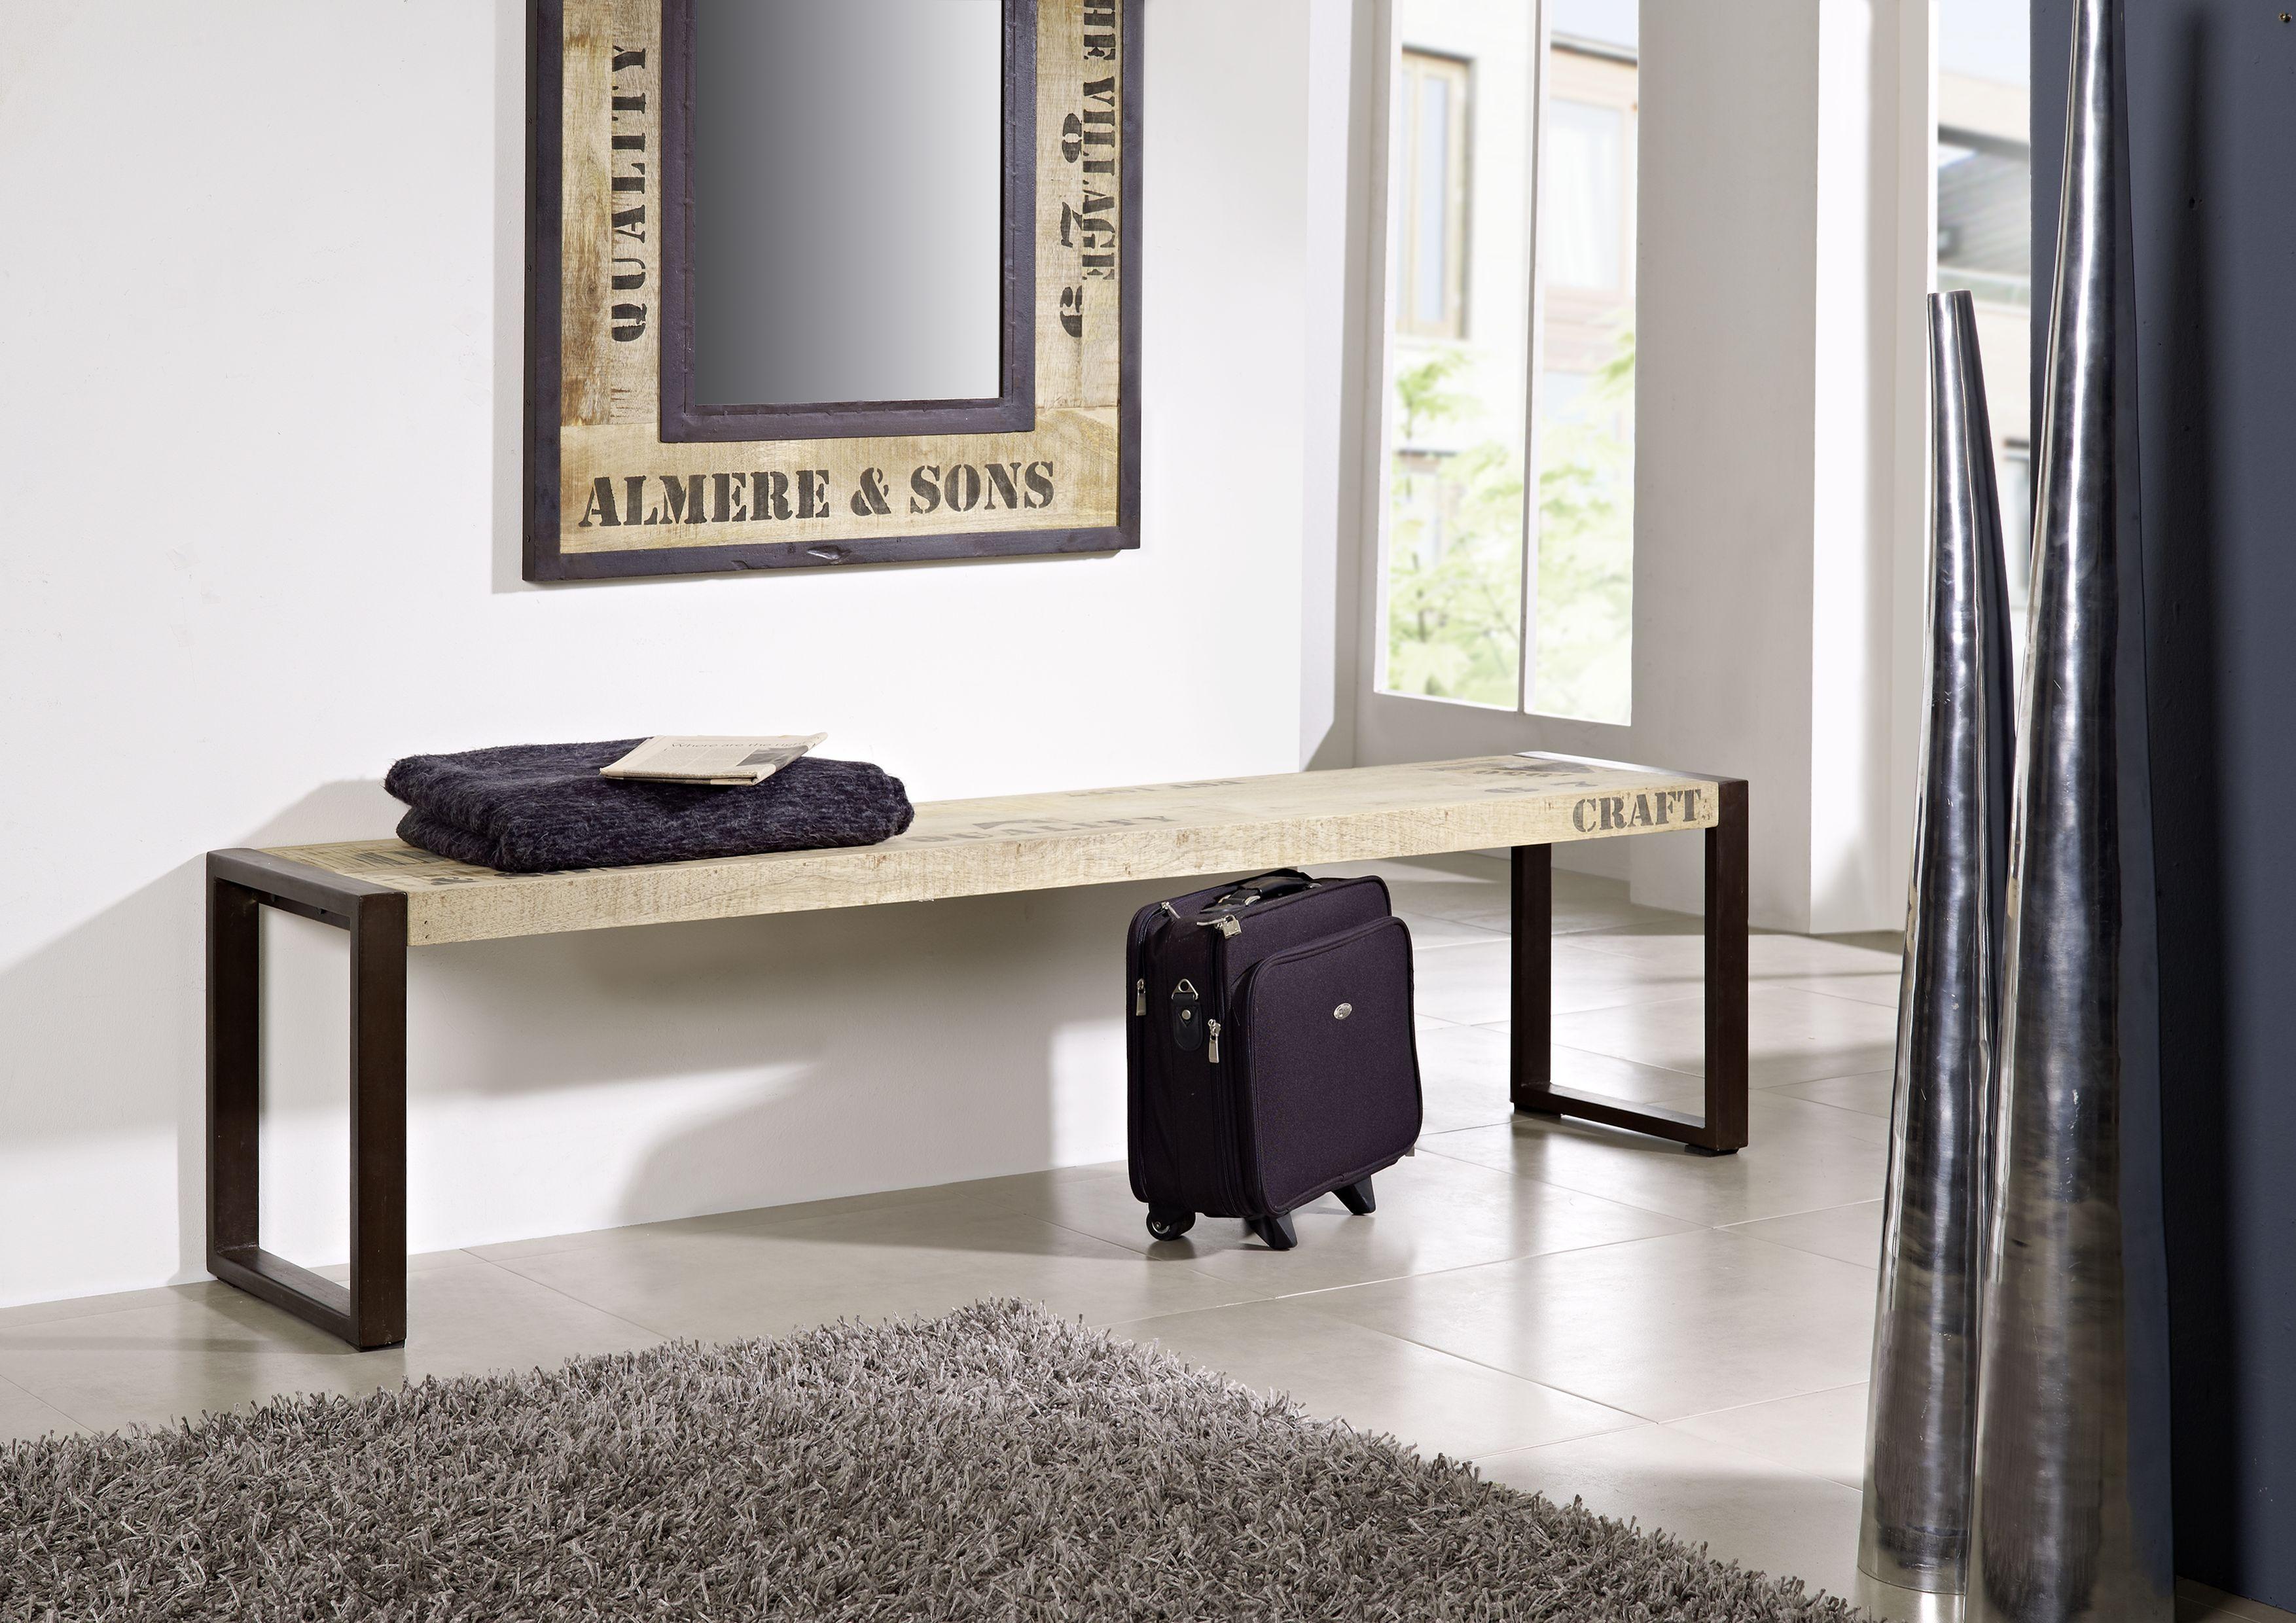 Erstaunlich Industrial Look Möbel Dekoration Von Cooles Design Aus Mangoholz Und Eisen: Die